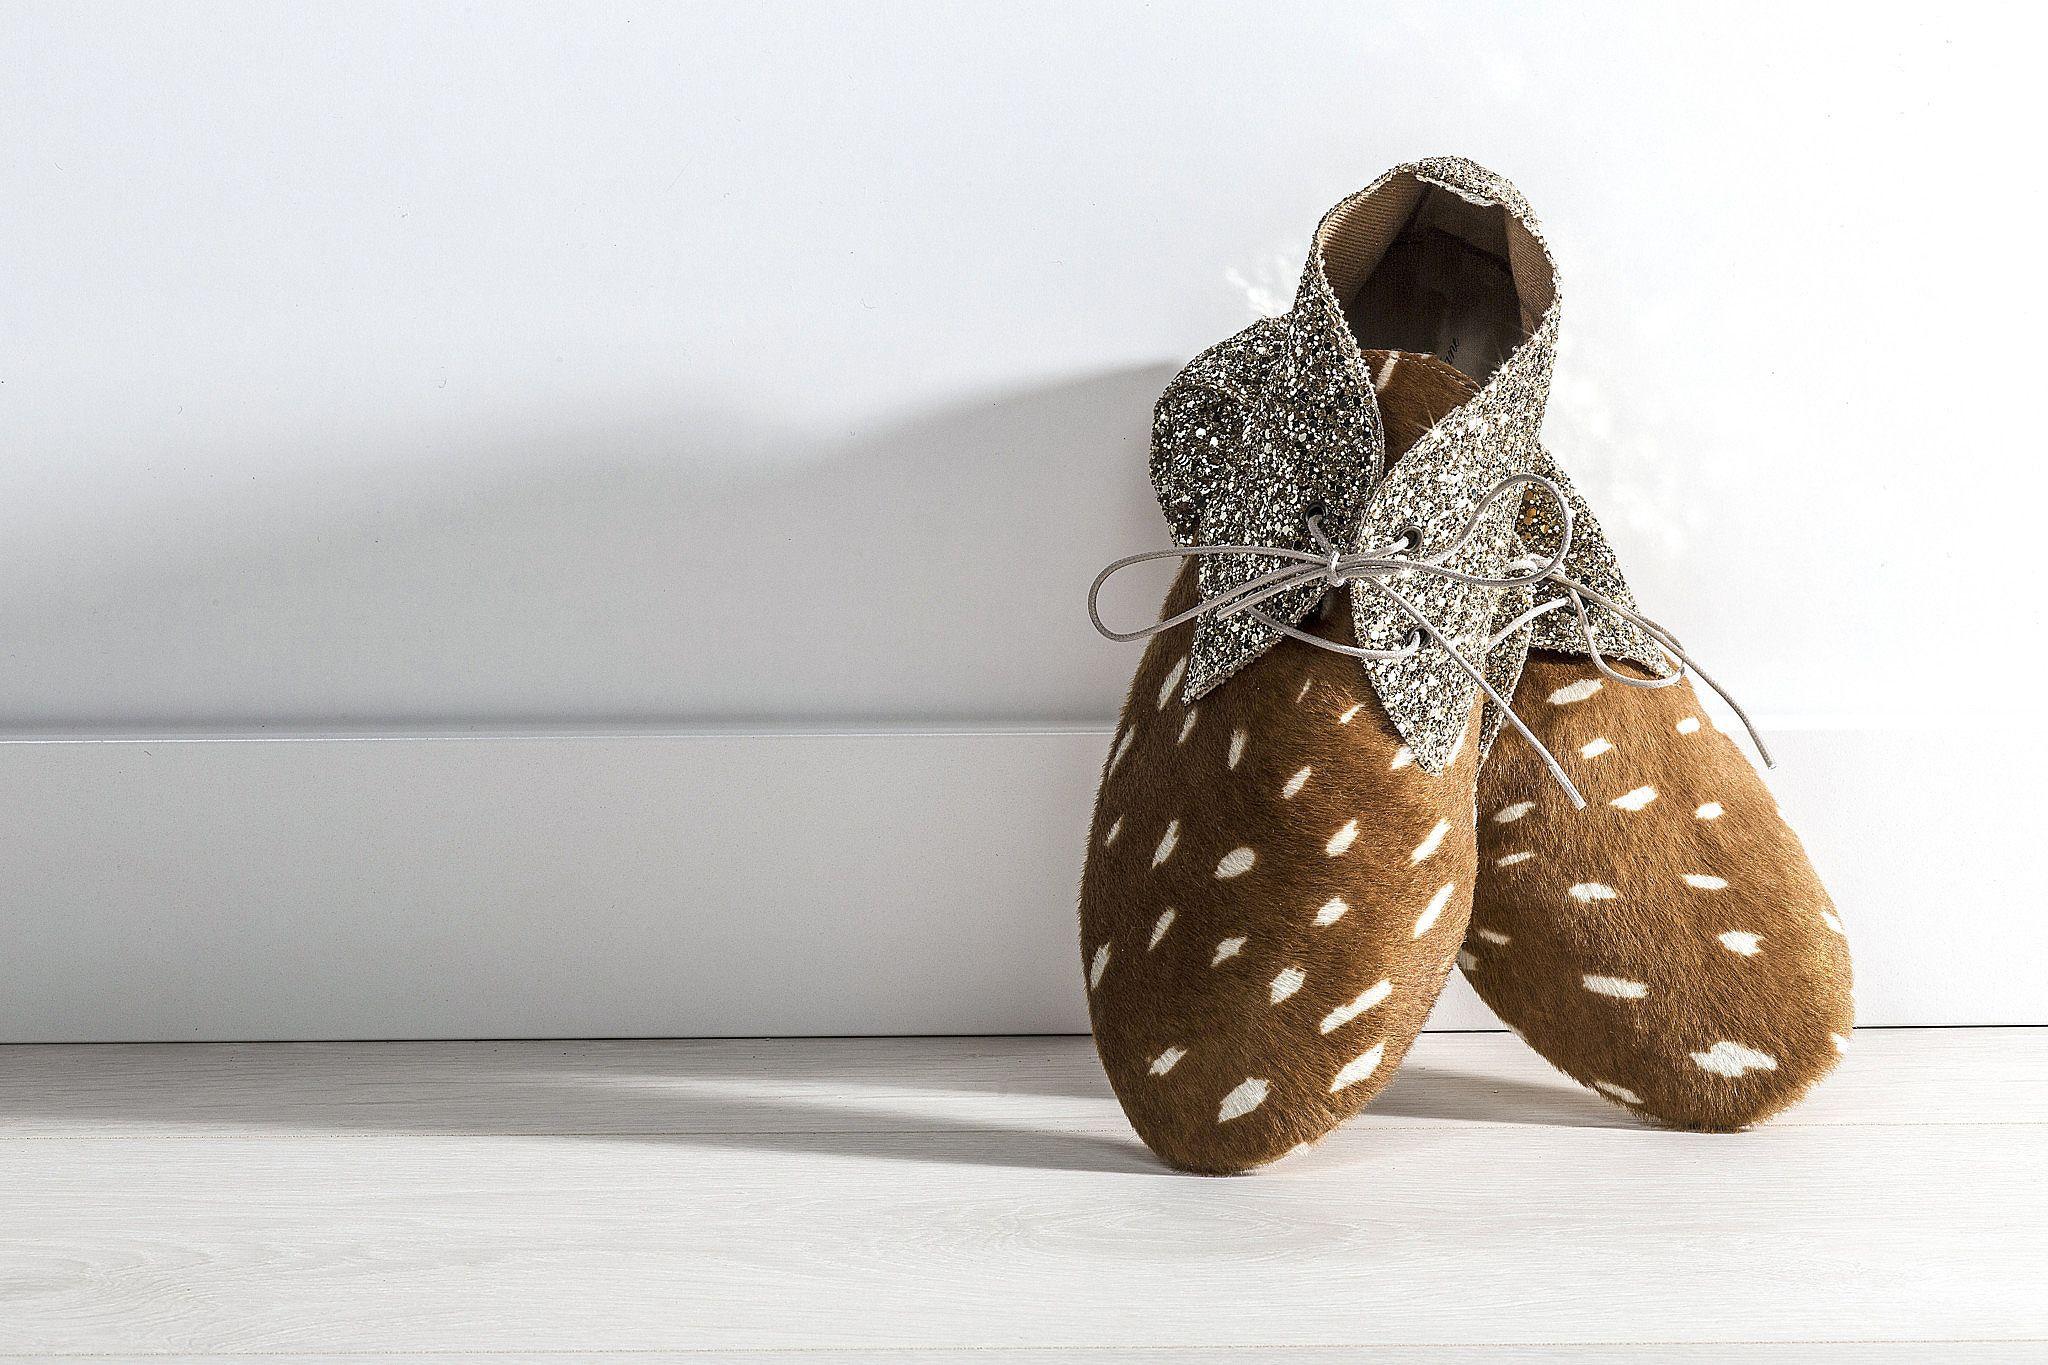 Miekkie Buty Wykonczone Naturalna Skora Sugerujemy Zakup Mniejszego Rozmiaru Niz Zazwyczaj Noszony Skorzana Cholewka Skorzana Shoes Lace Up Flat Bucket Bag